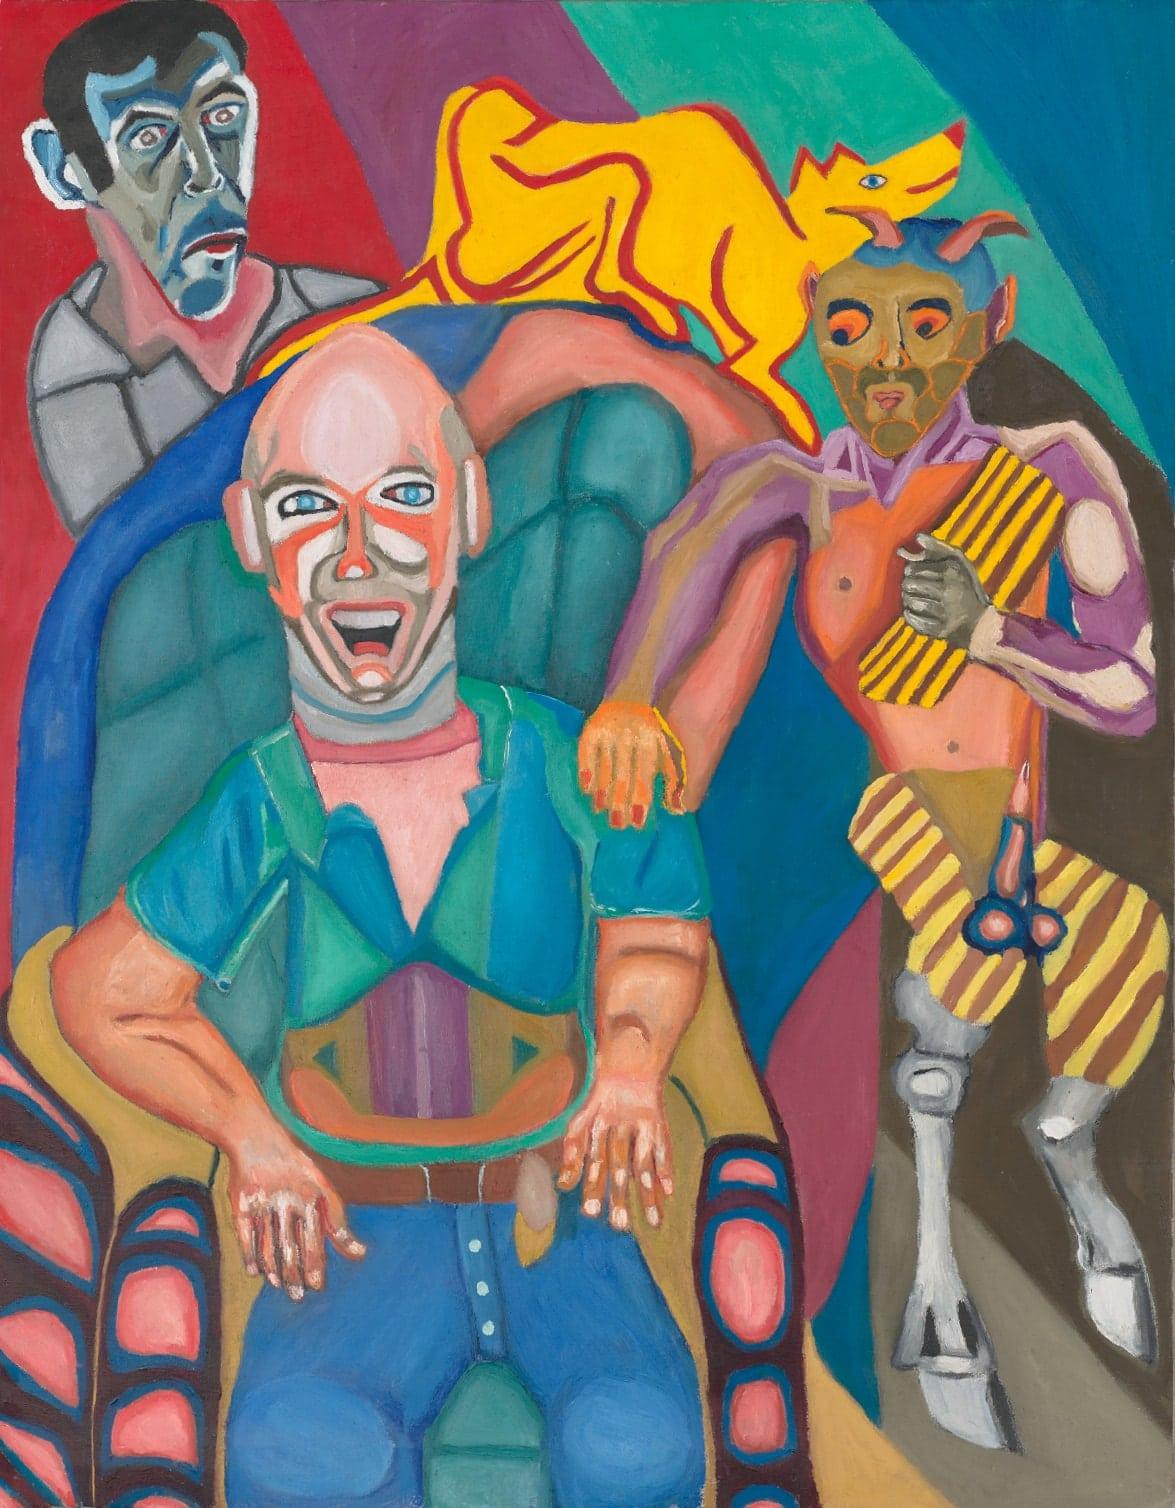 Tableau contemporain - Peinture à l'huile : La tentation de Bruno